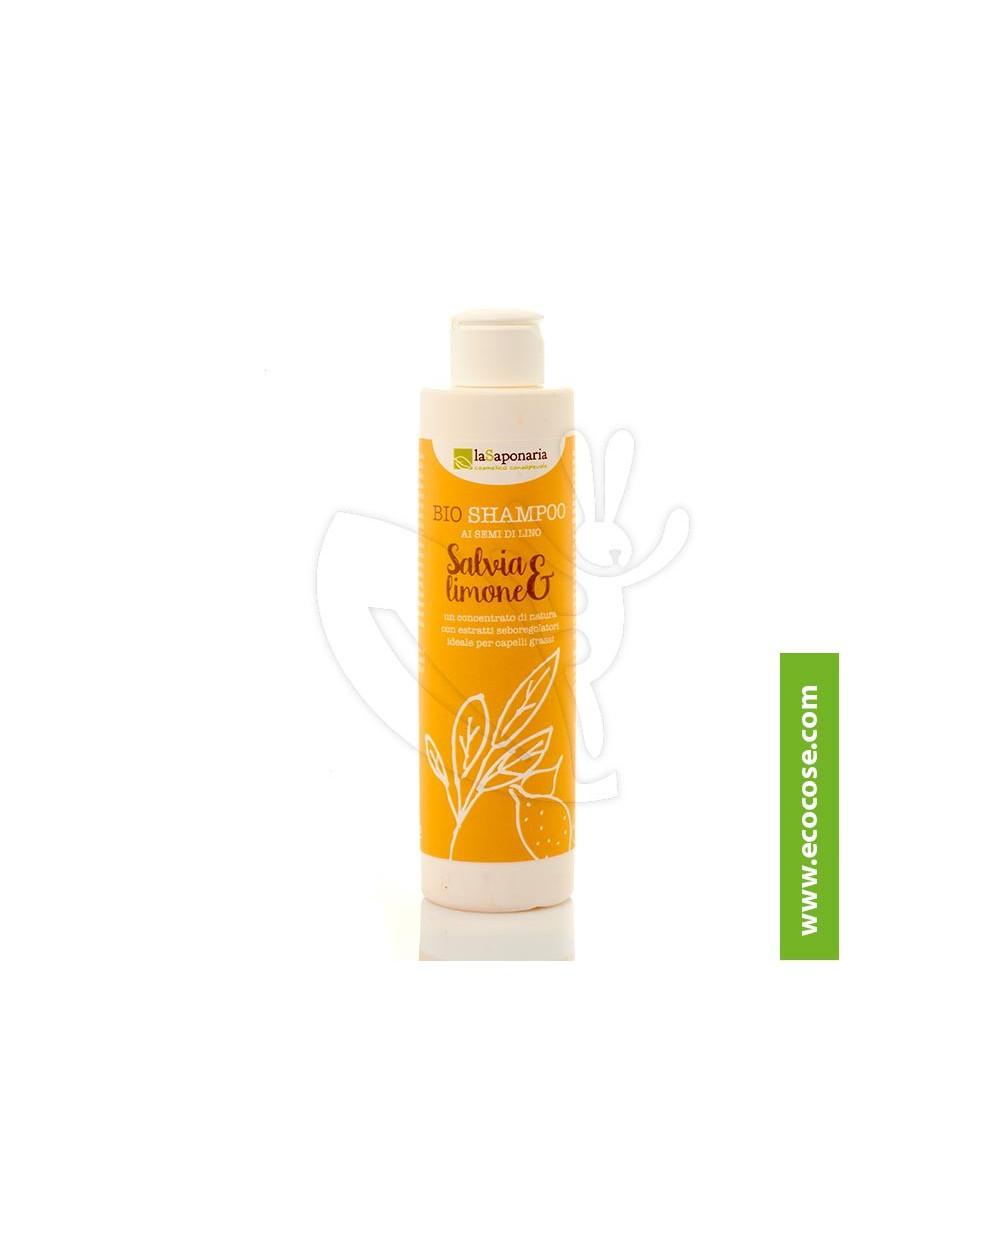 La Saponaria - Shampoo salvia e limone - capelli grassi